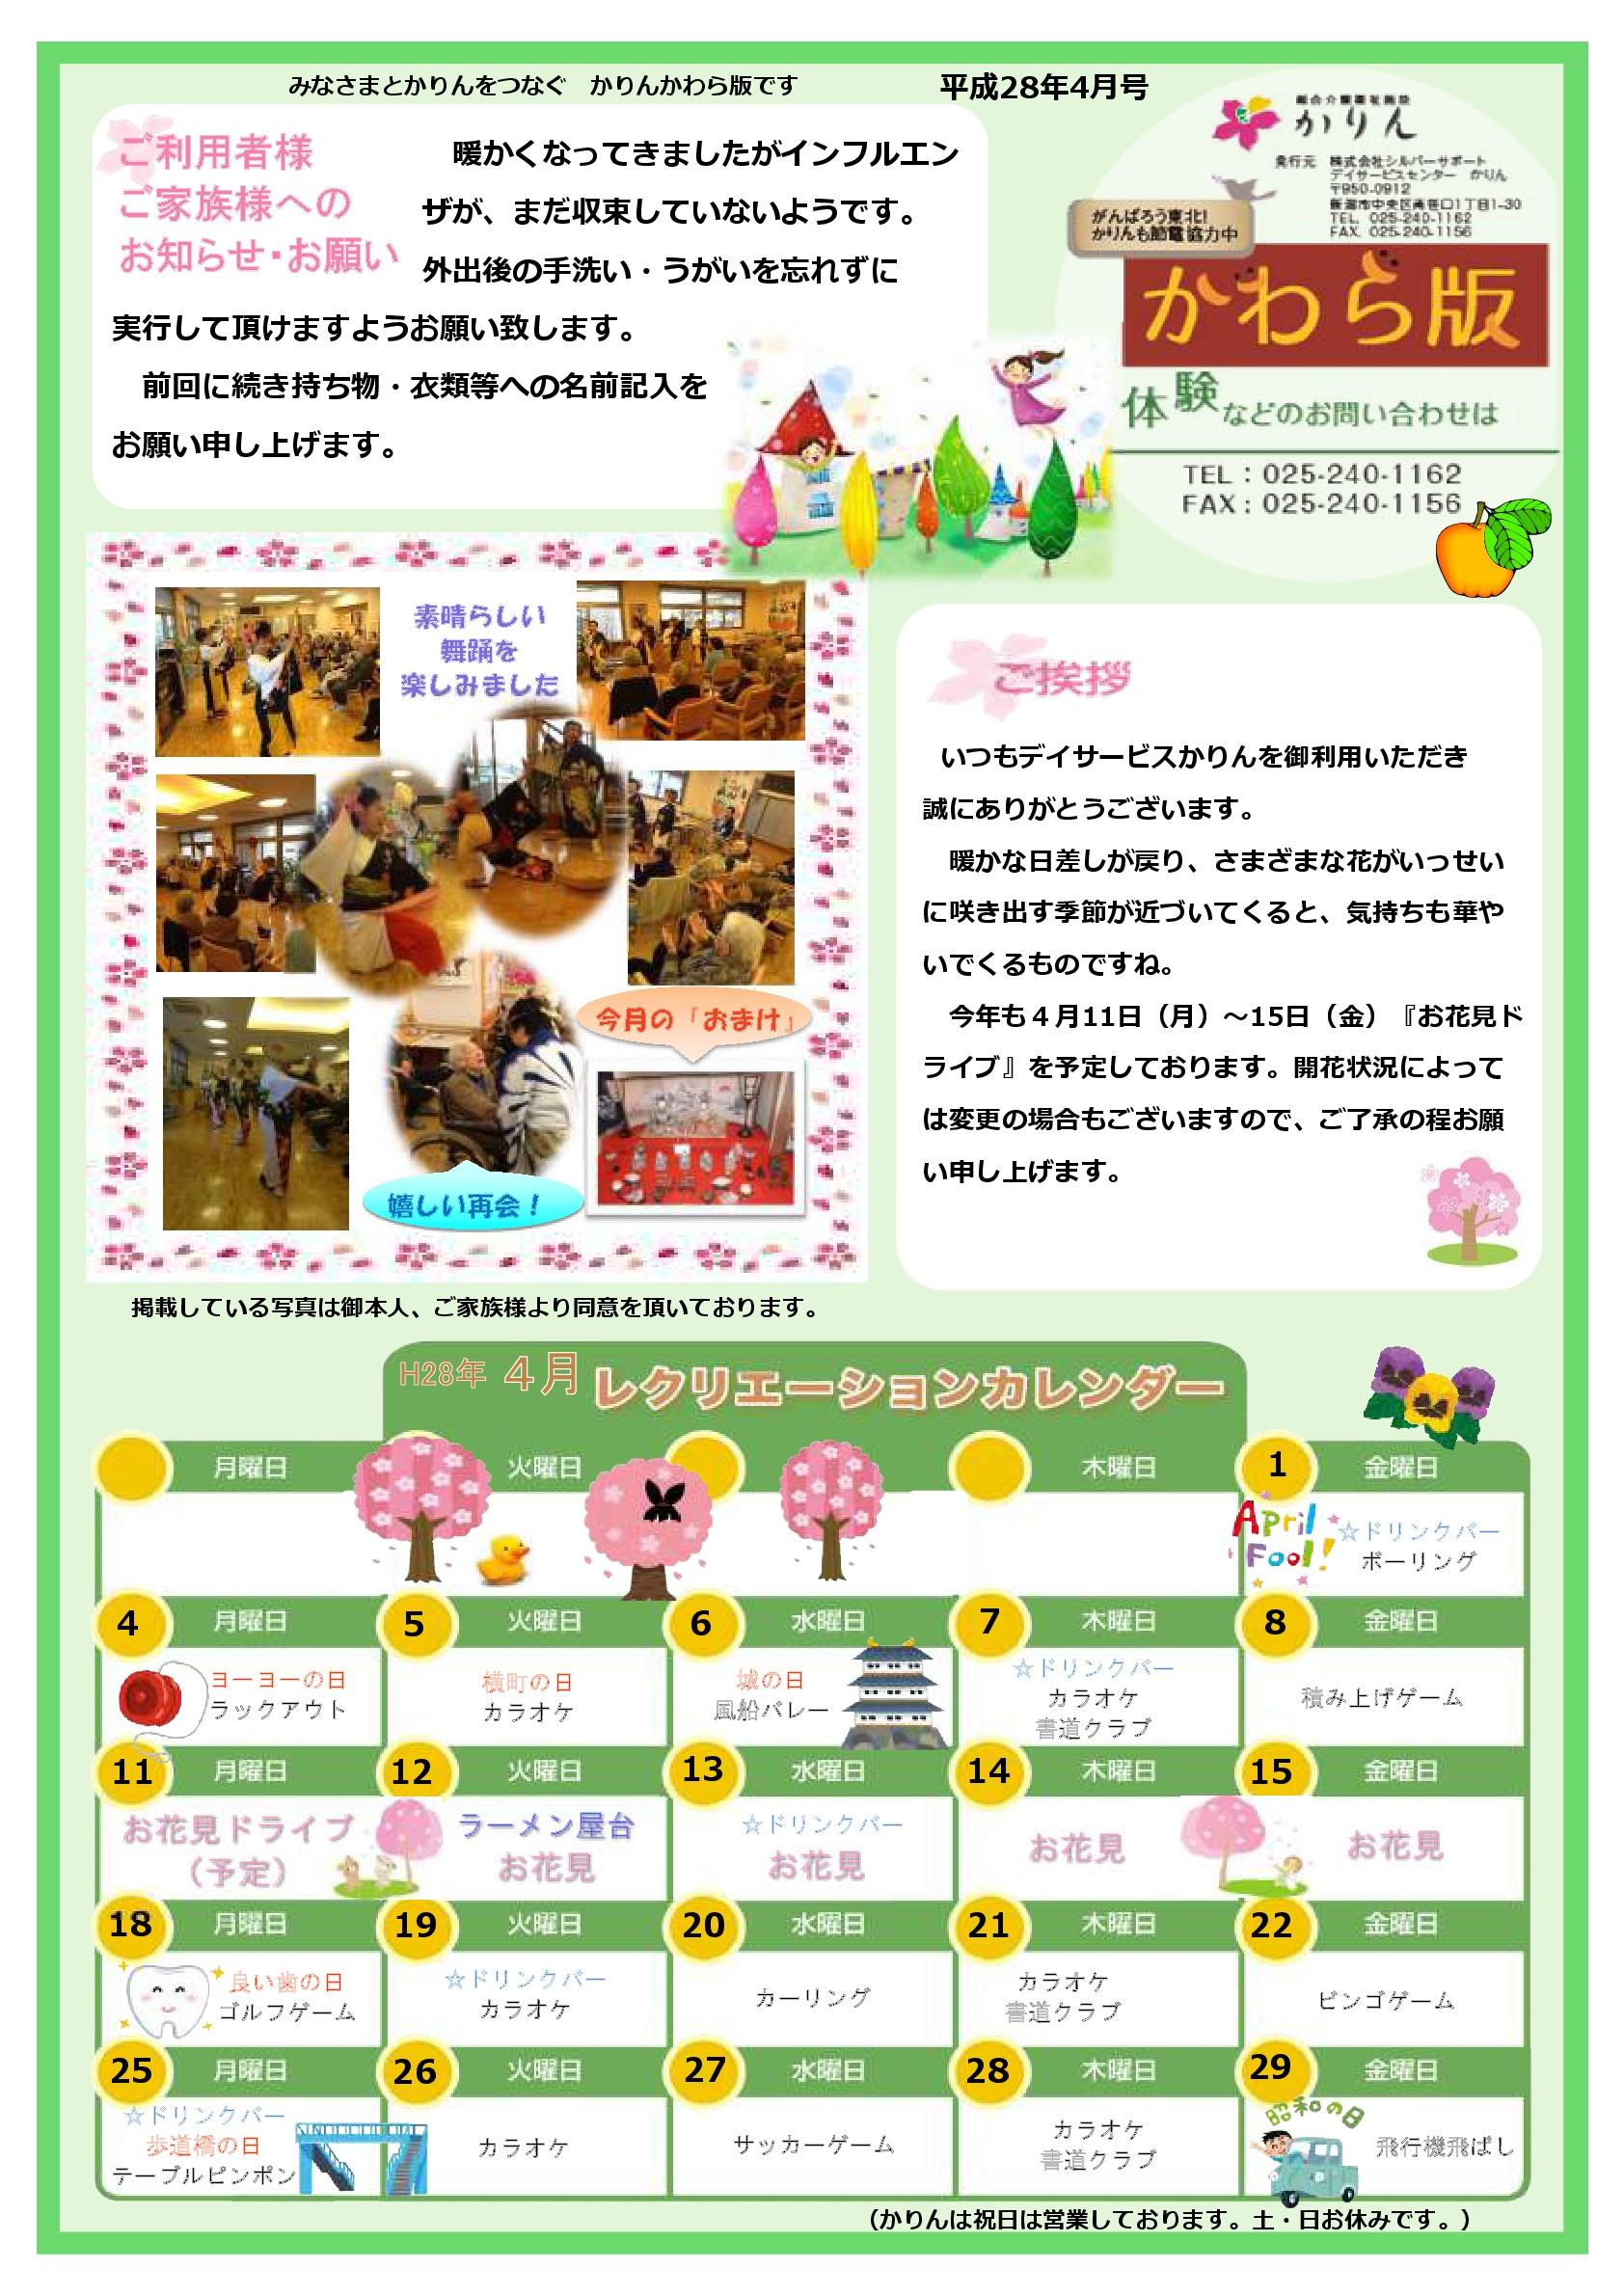 201604月かわら版「4月はイベント盛り沢山!!」表